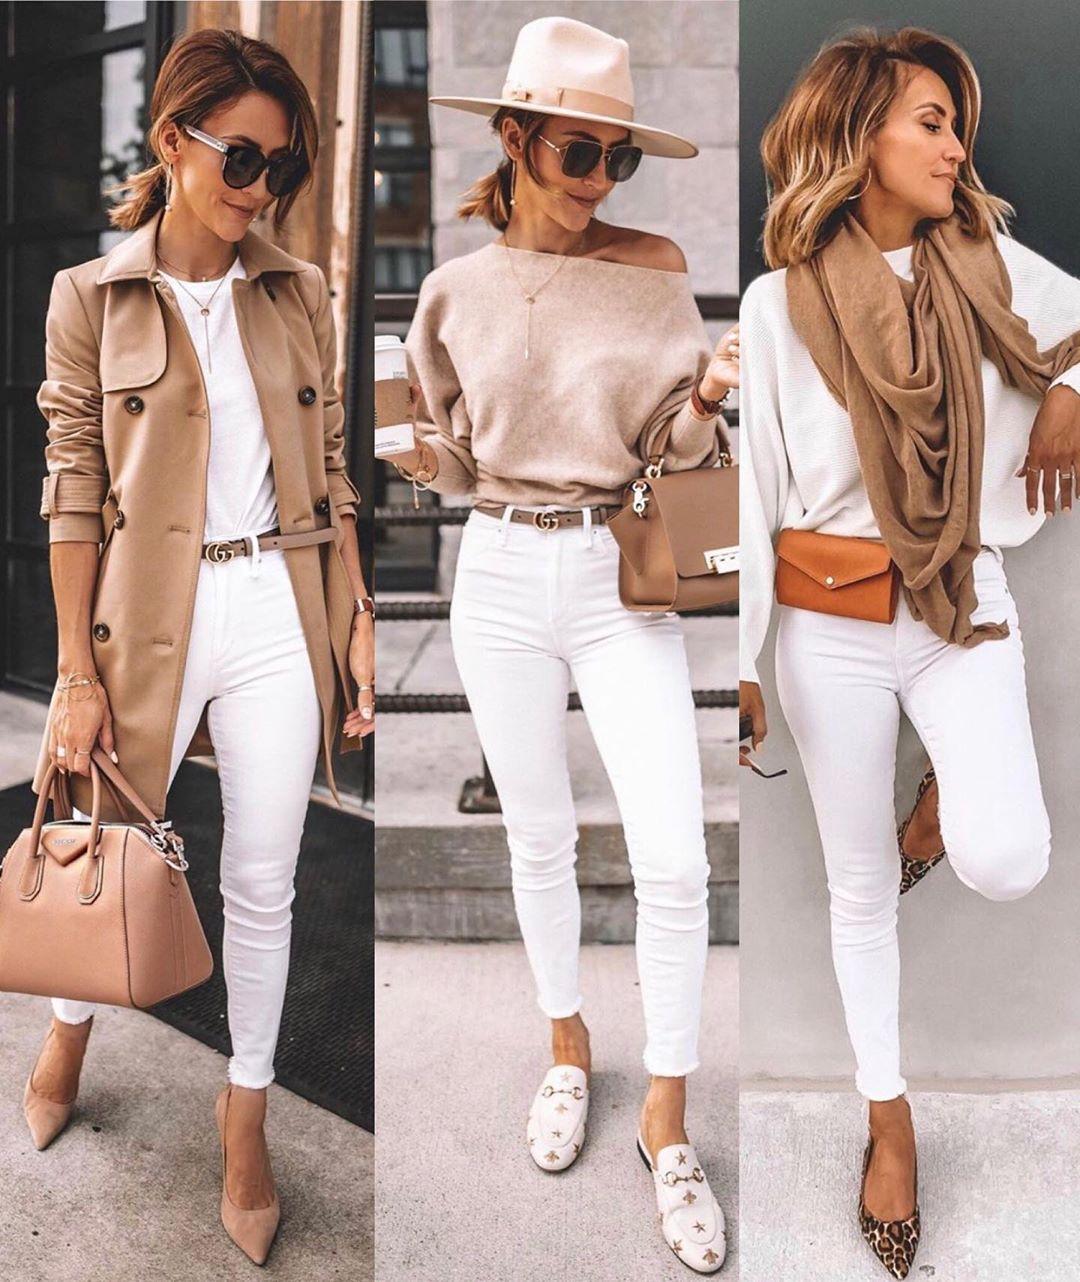 Pin Von Sarah Spreizer Auf Fashion In 2020 Weisse Mode Kleidung Mode Mode Outfits Frauen